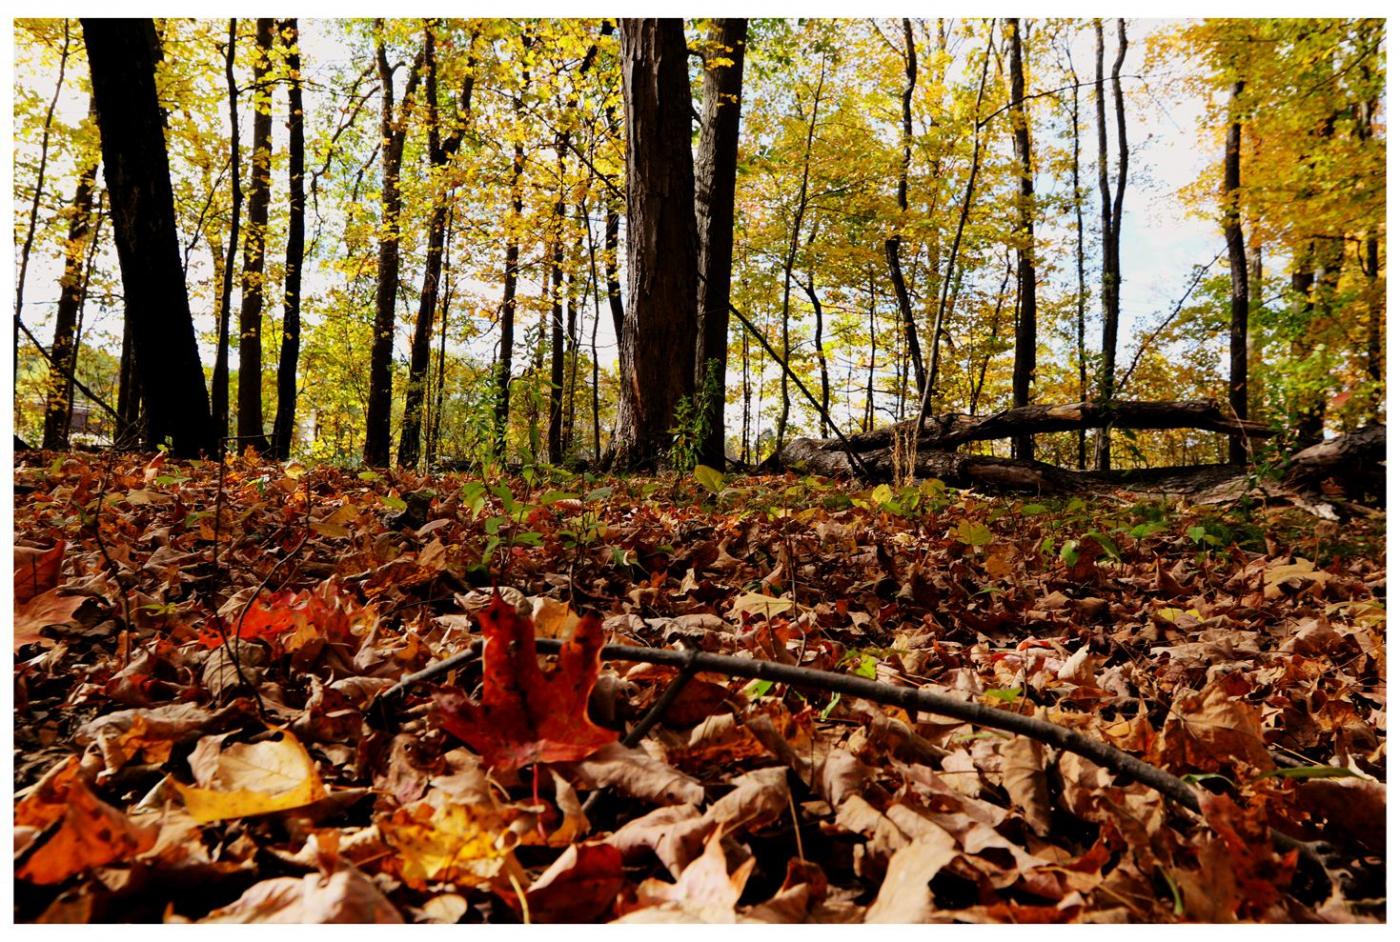 风光] 叶到红时勘比花—实拍美国东部深秋红叶_图1-27